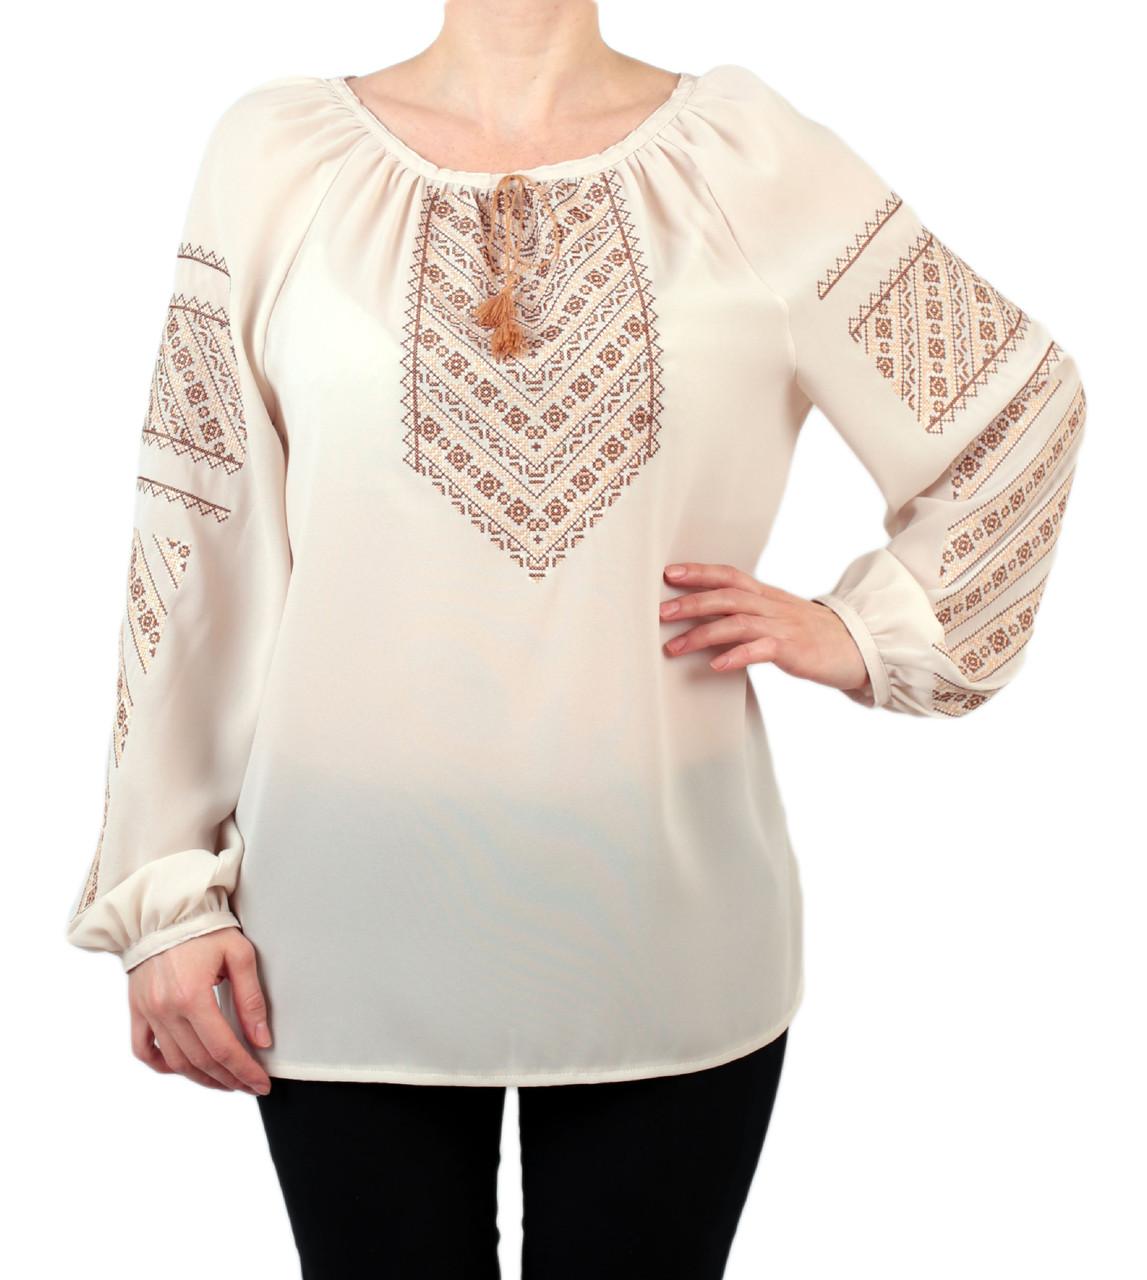 701320d80bf Жіноча шифонова блузка бежевого кольору з етнічним орнаментом недорого -  Інтернет-магазин вишиванок для всієї